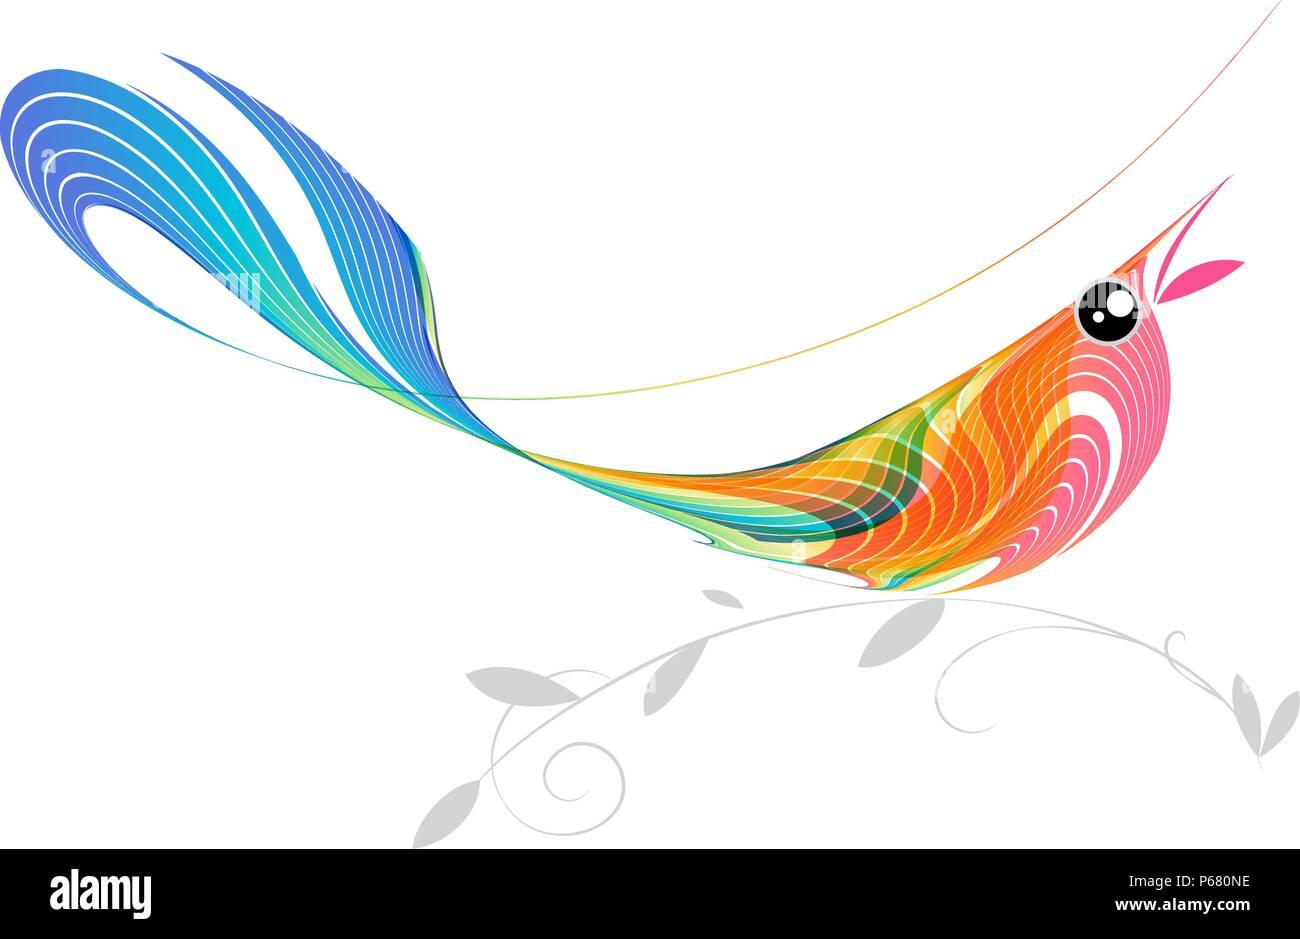 Singing bird, vector illustration - Stock Vector